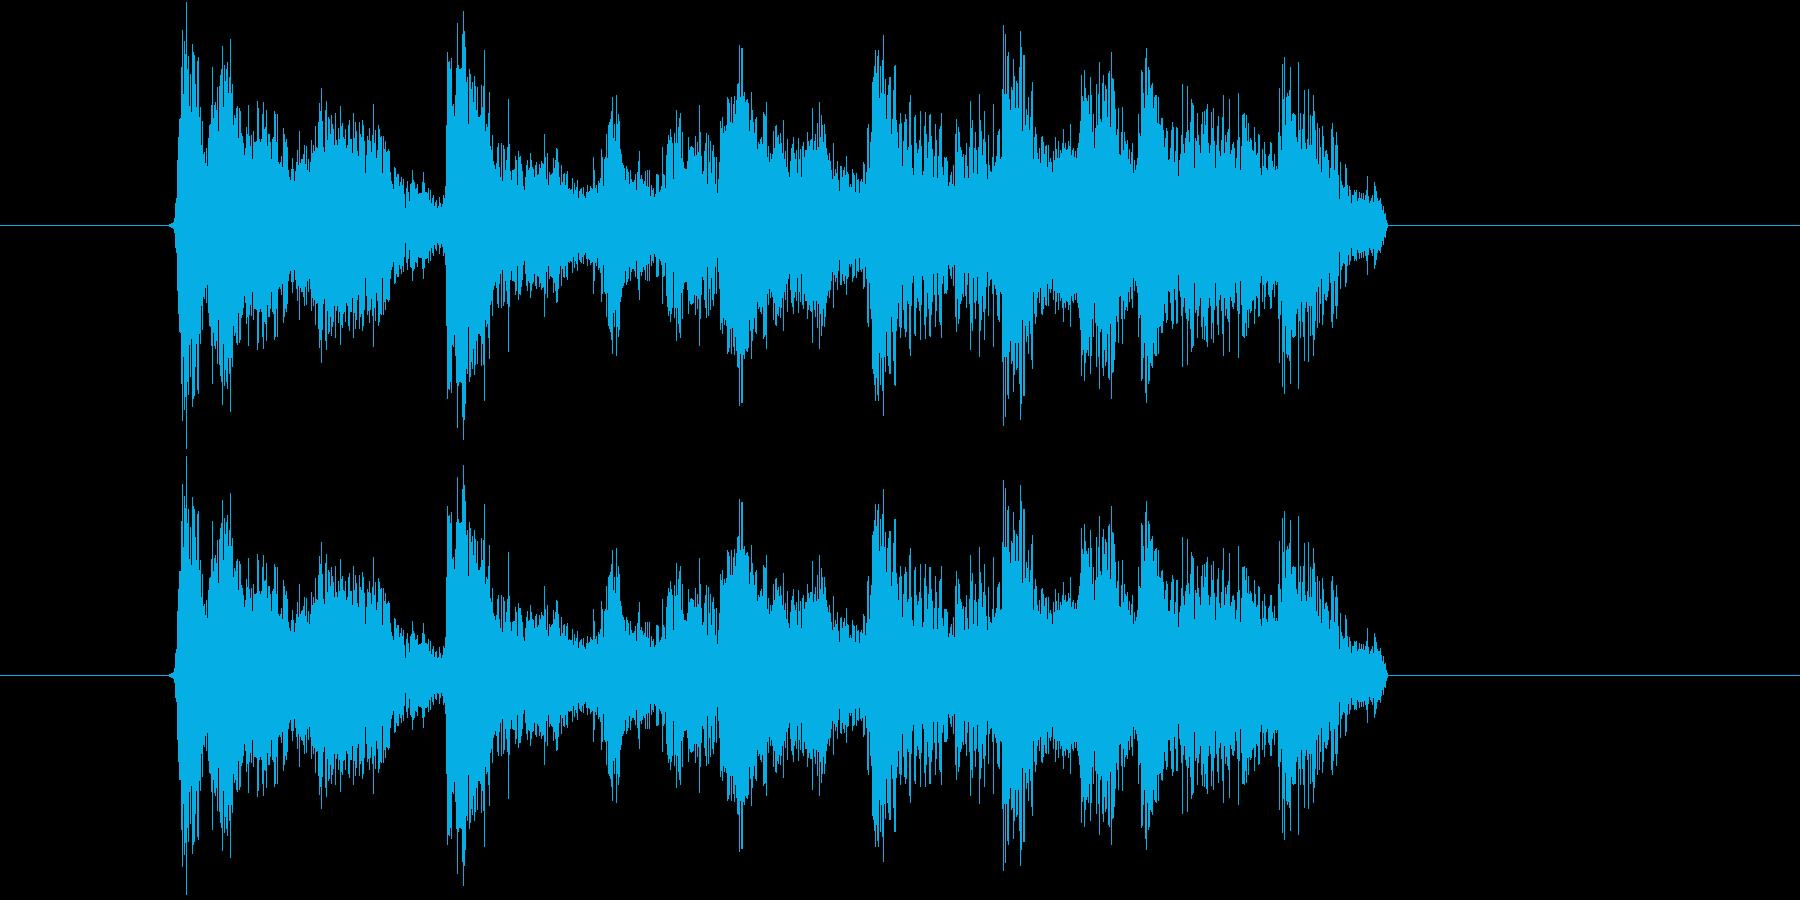 ハイテンションなポップスの再生済みの波形